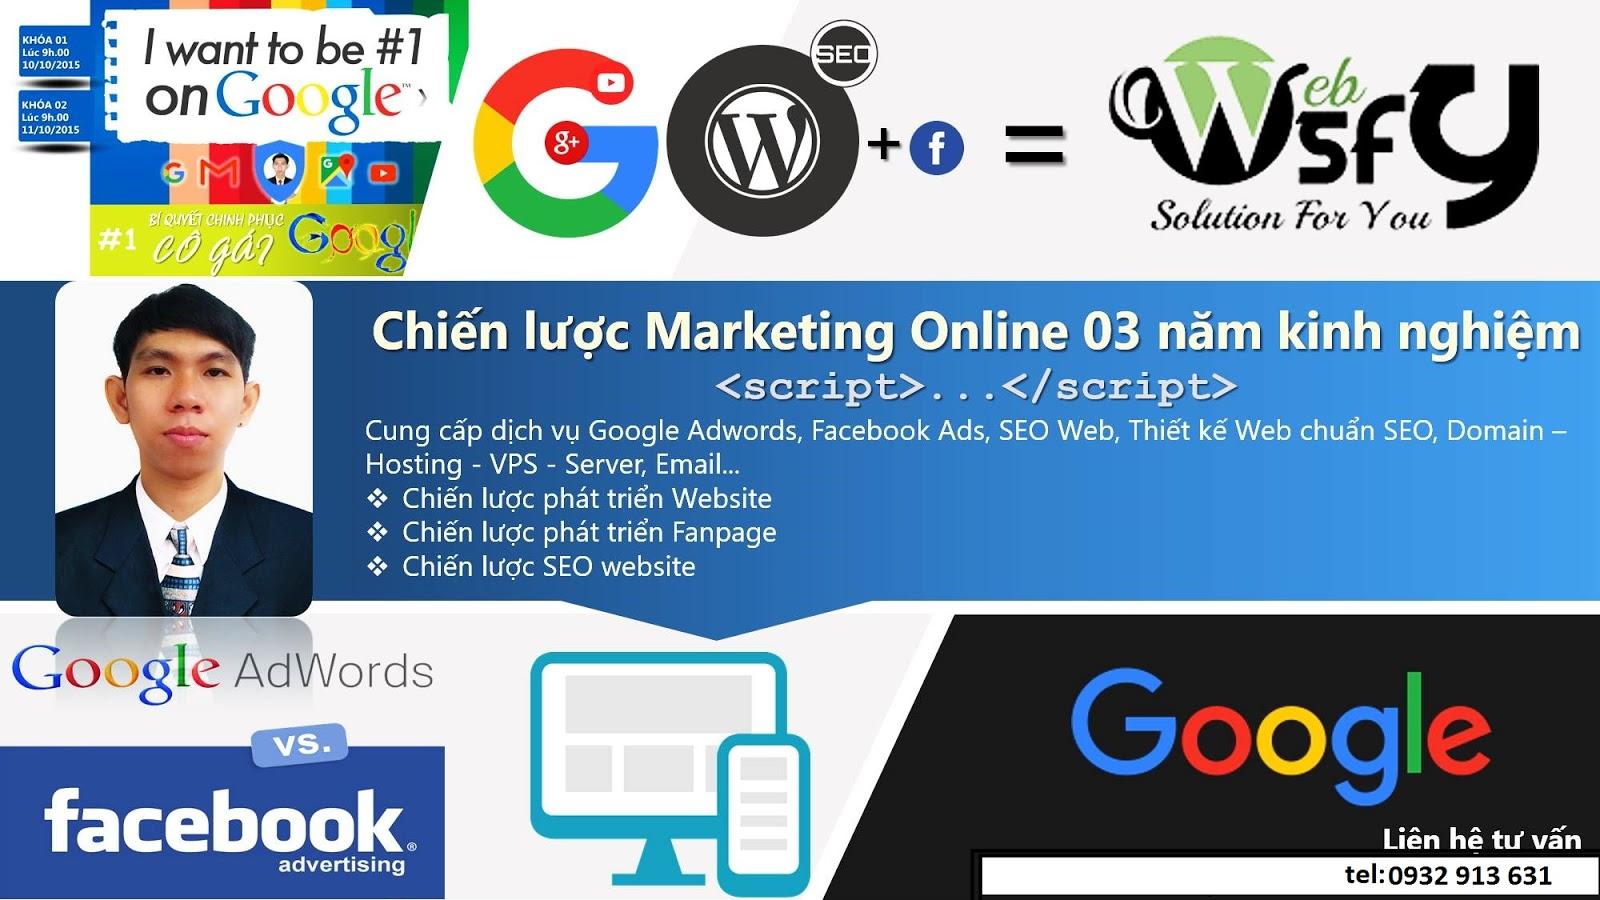 Dịch vụ quảng cáo Google Adwords tốt nhất TPHCM